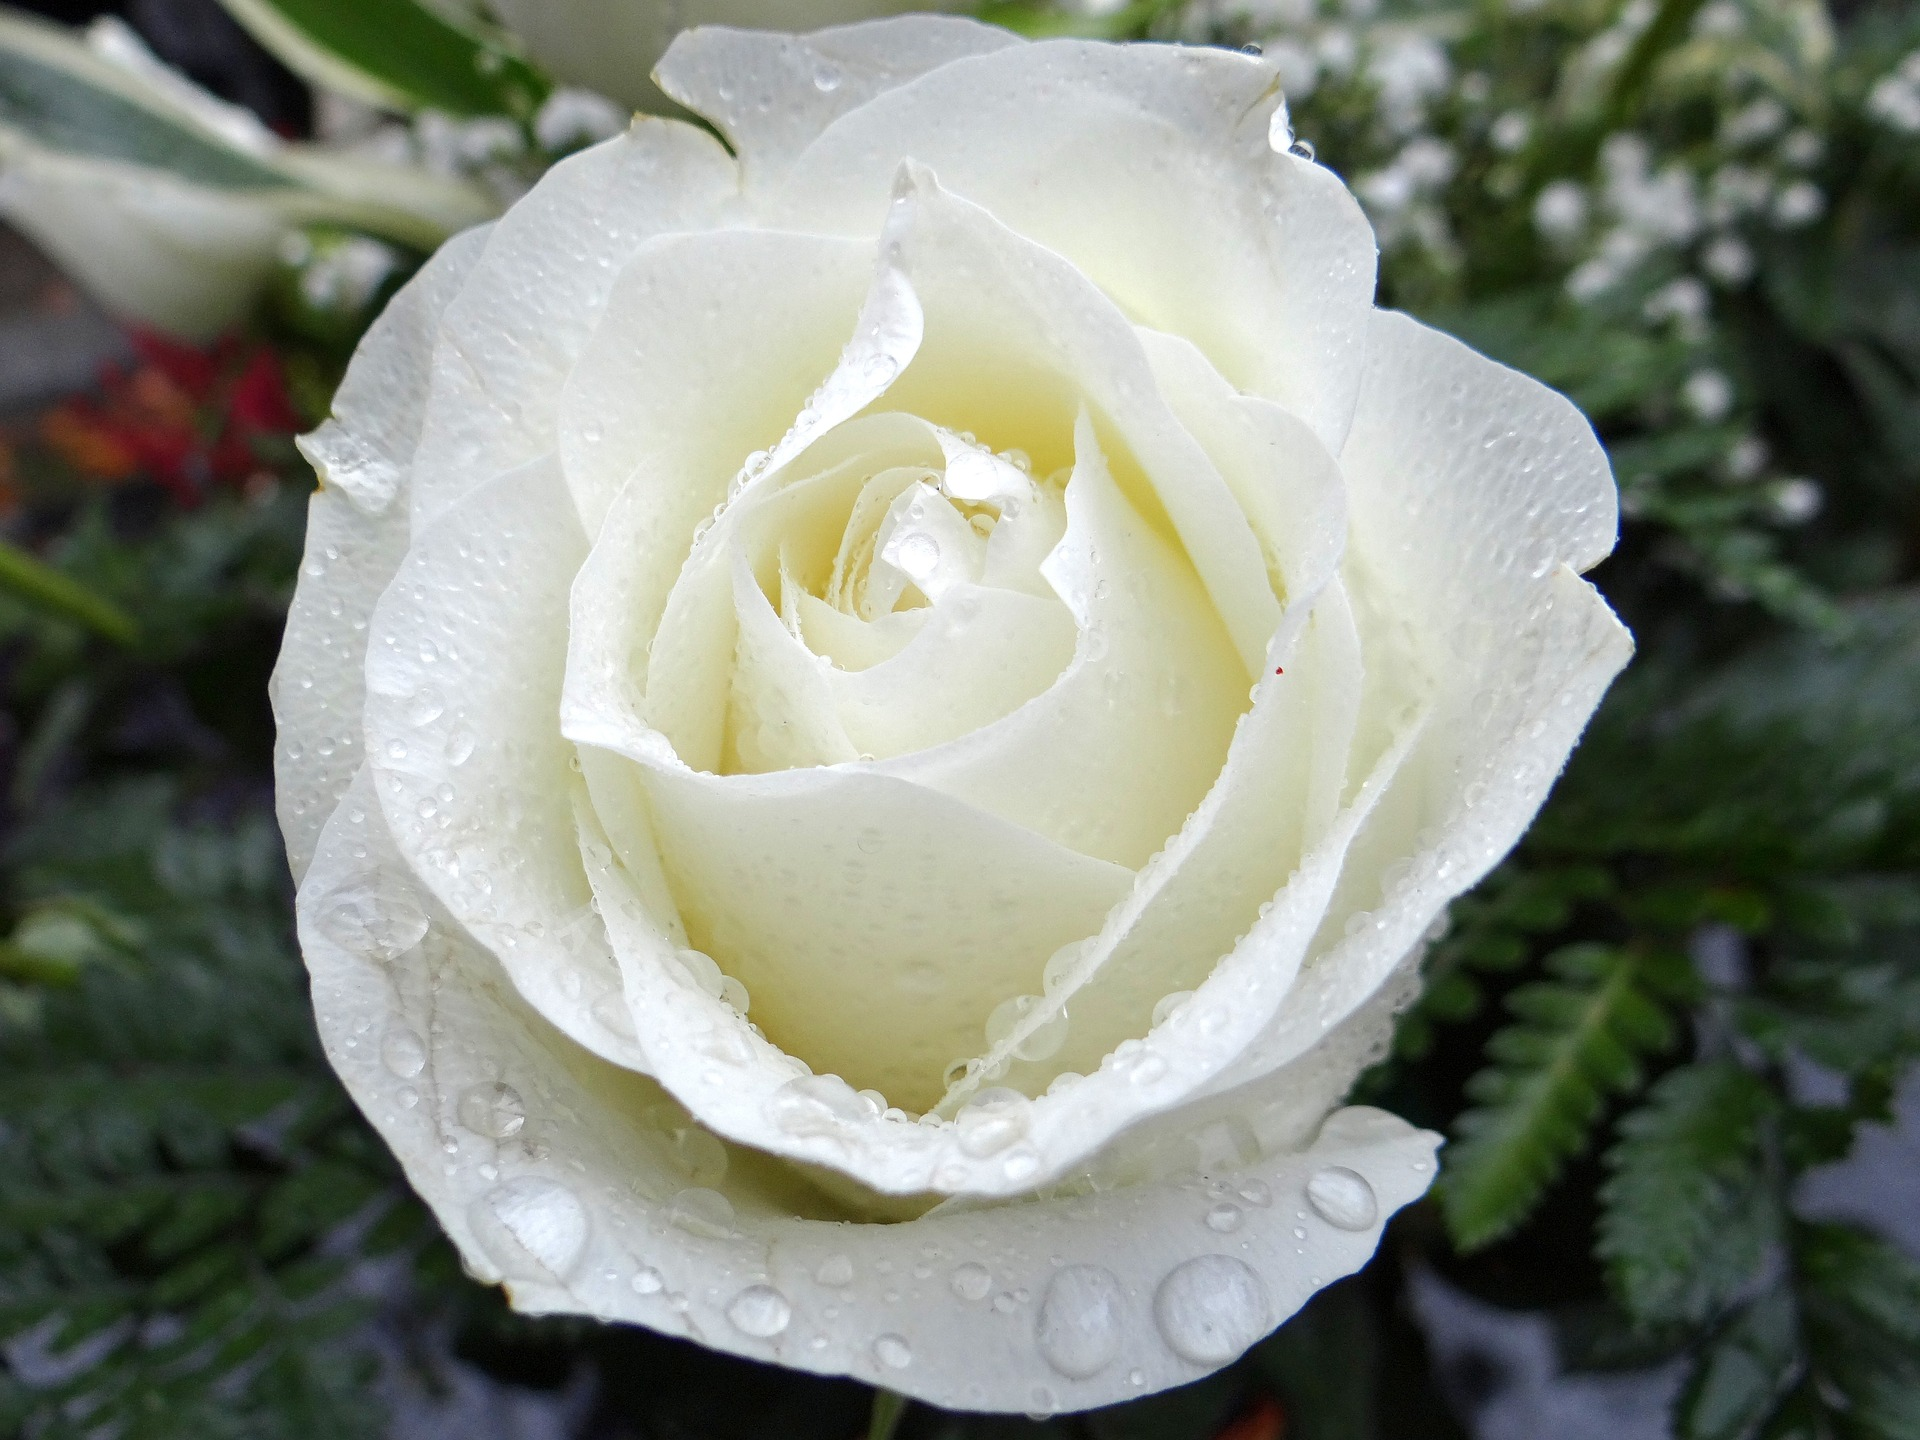 white-rose-2907862_1920